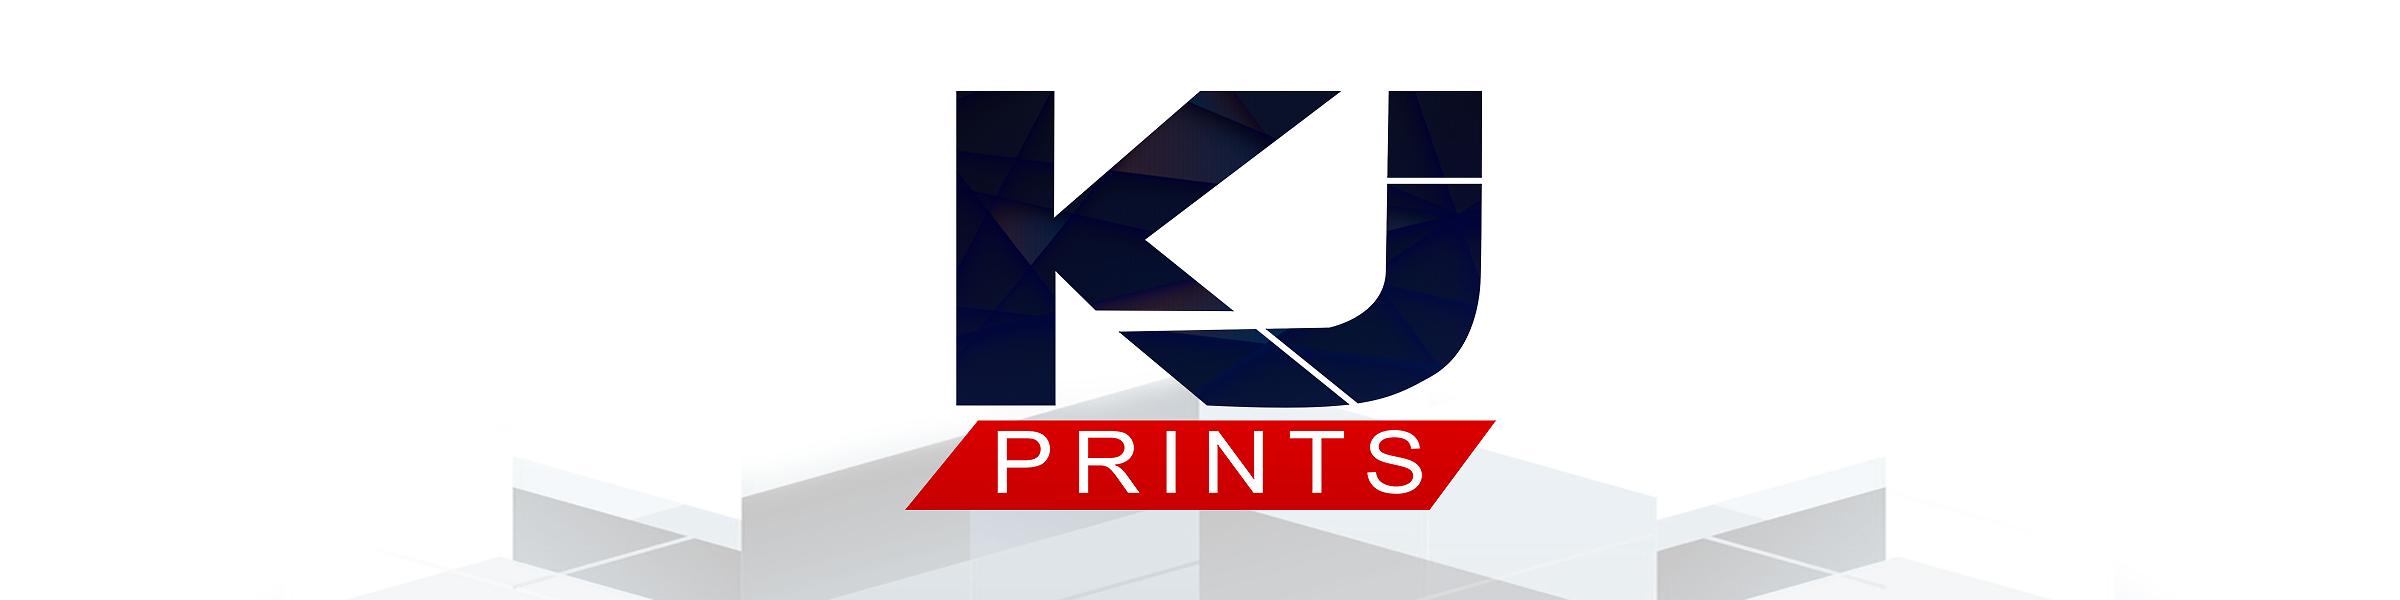 Key Jay Prints Header